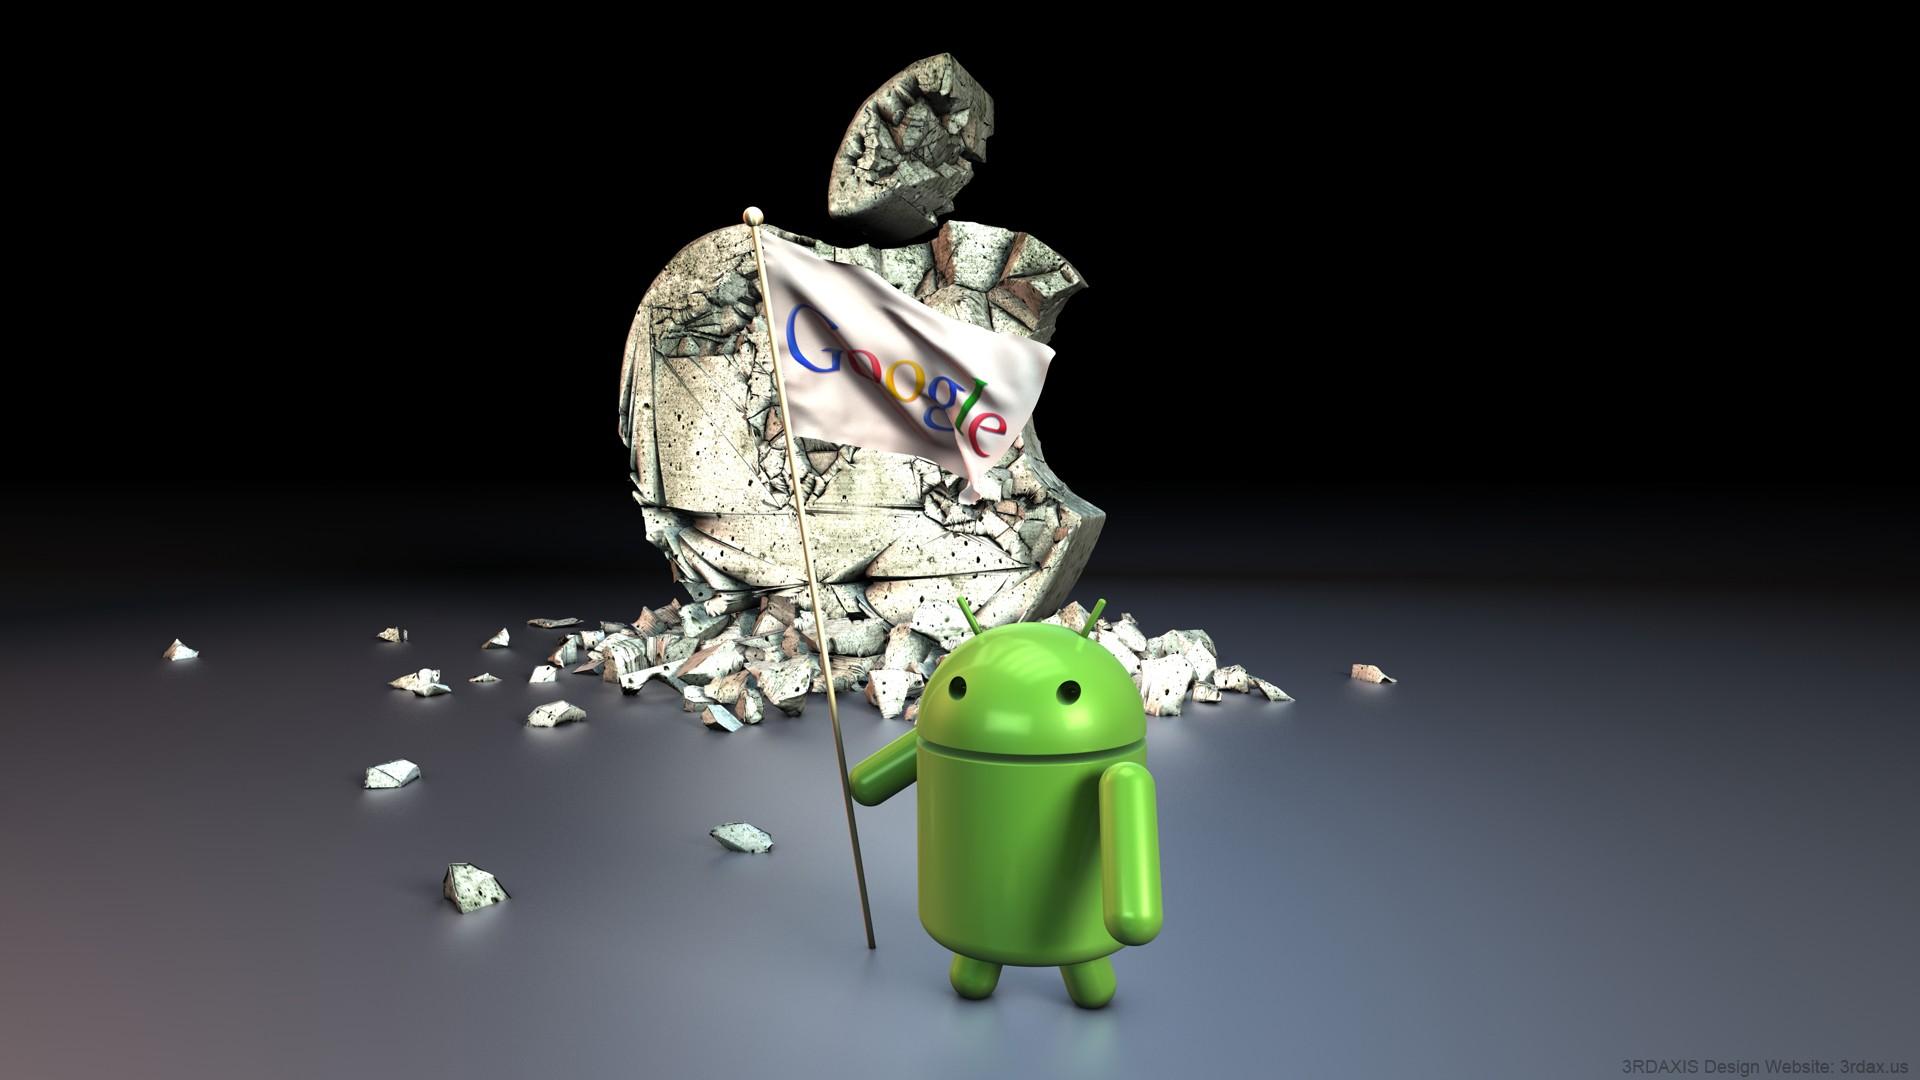 Прикольные картинки на обои на андроид, красивые день победы